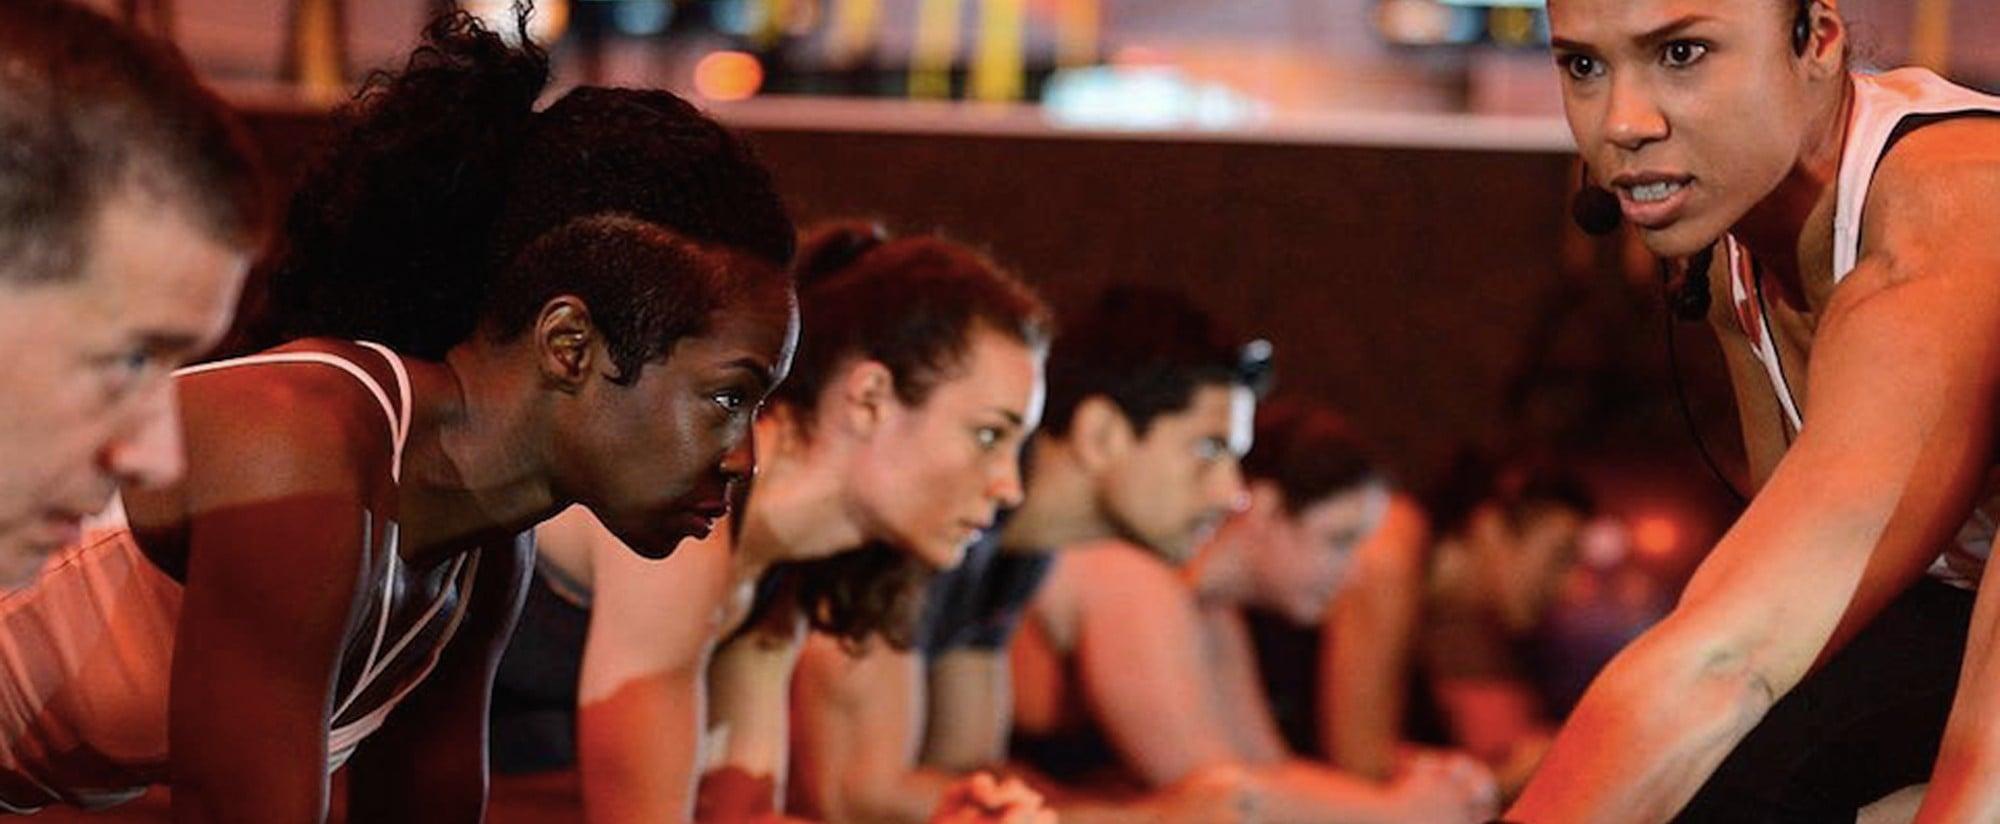 Why I Love Orangetheory Fitness